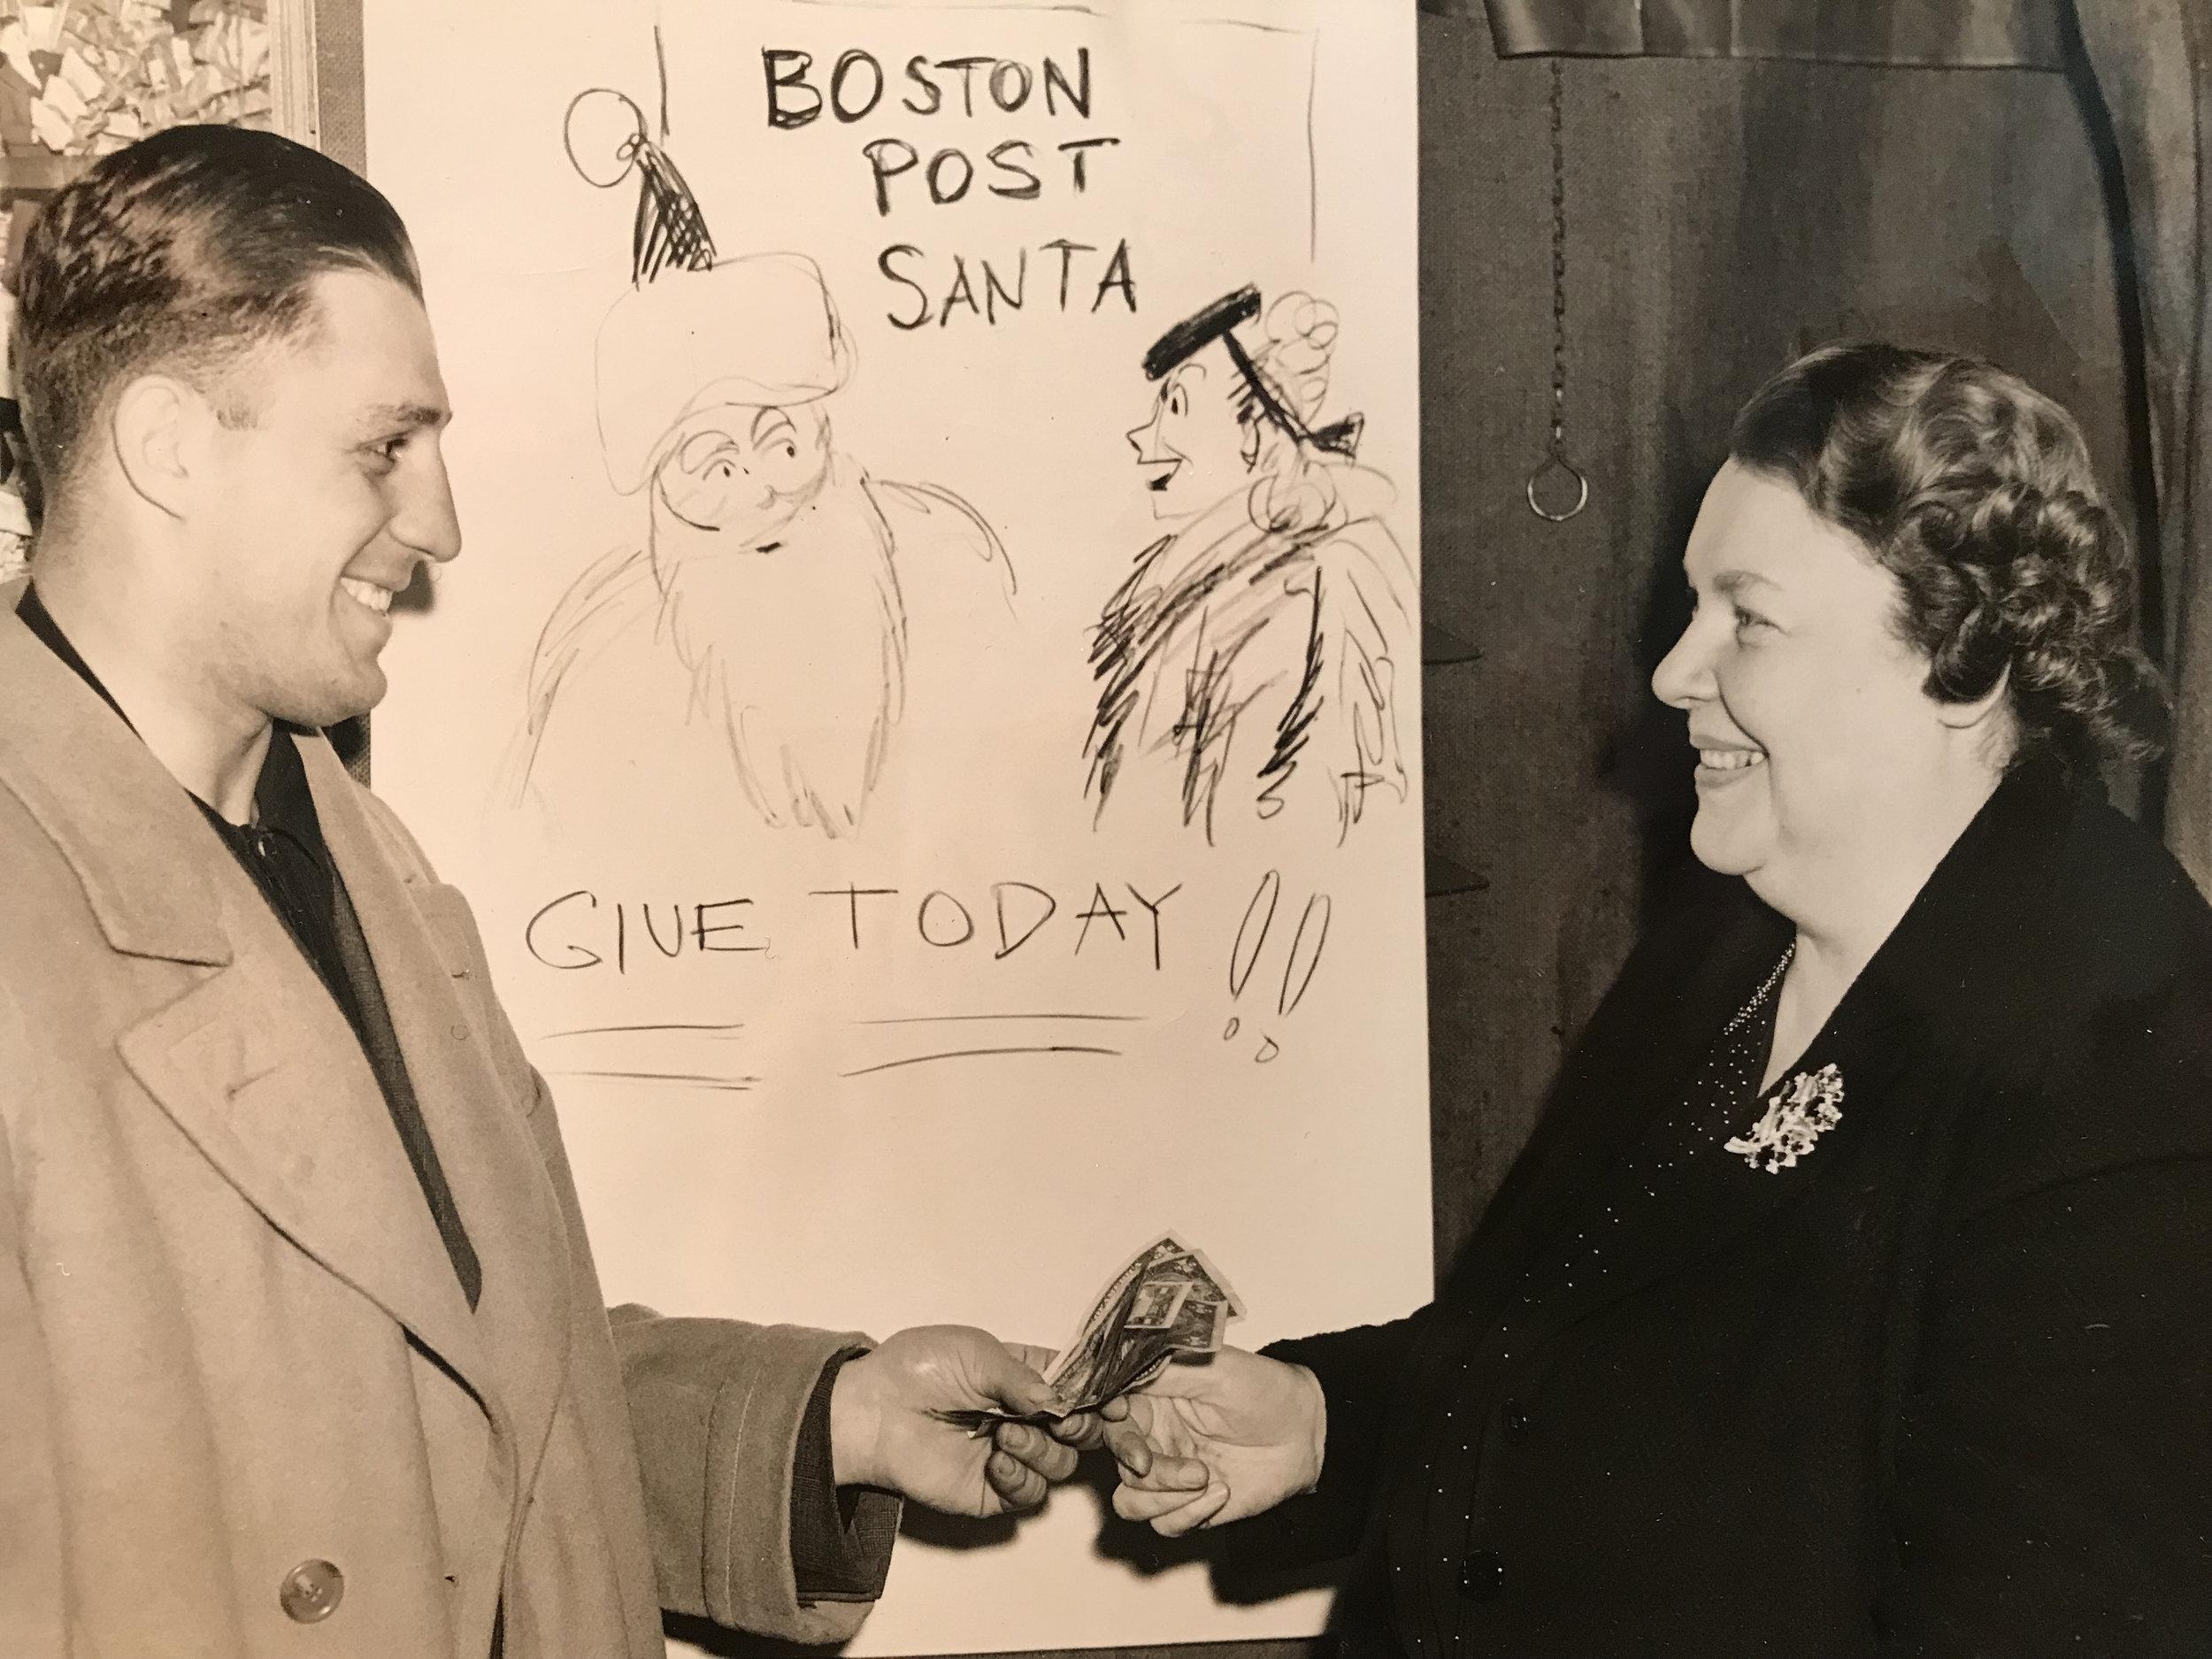 Edith Stevens participating in Boston Post Santa. Circa 1940s